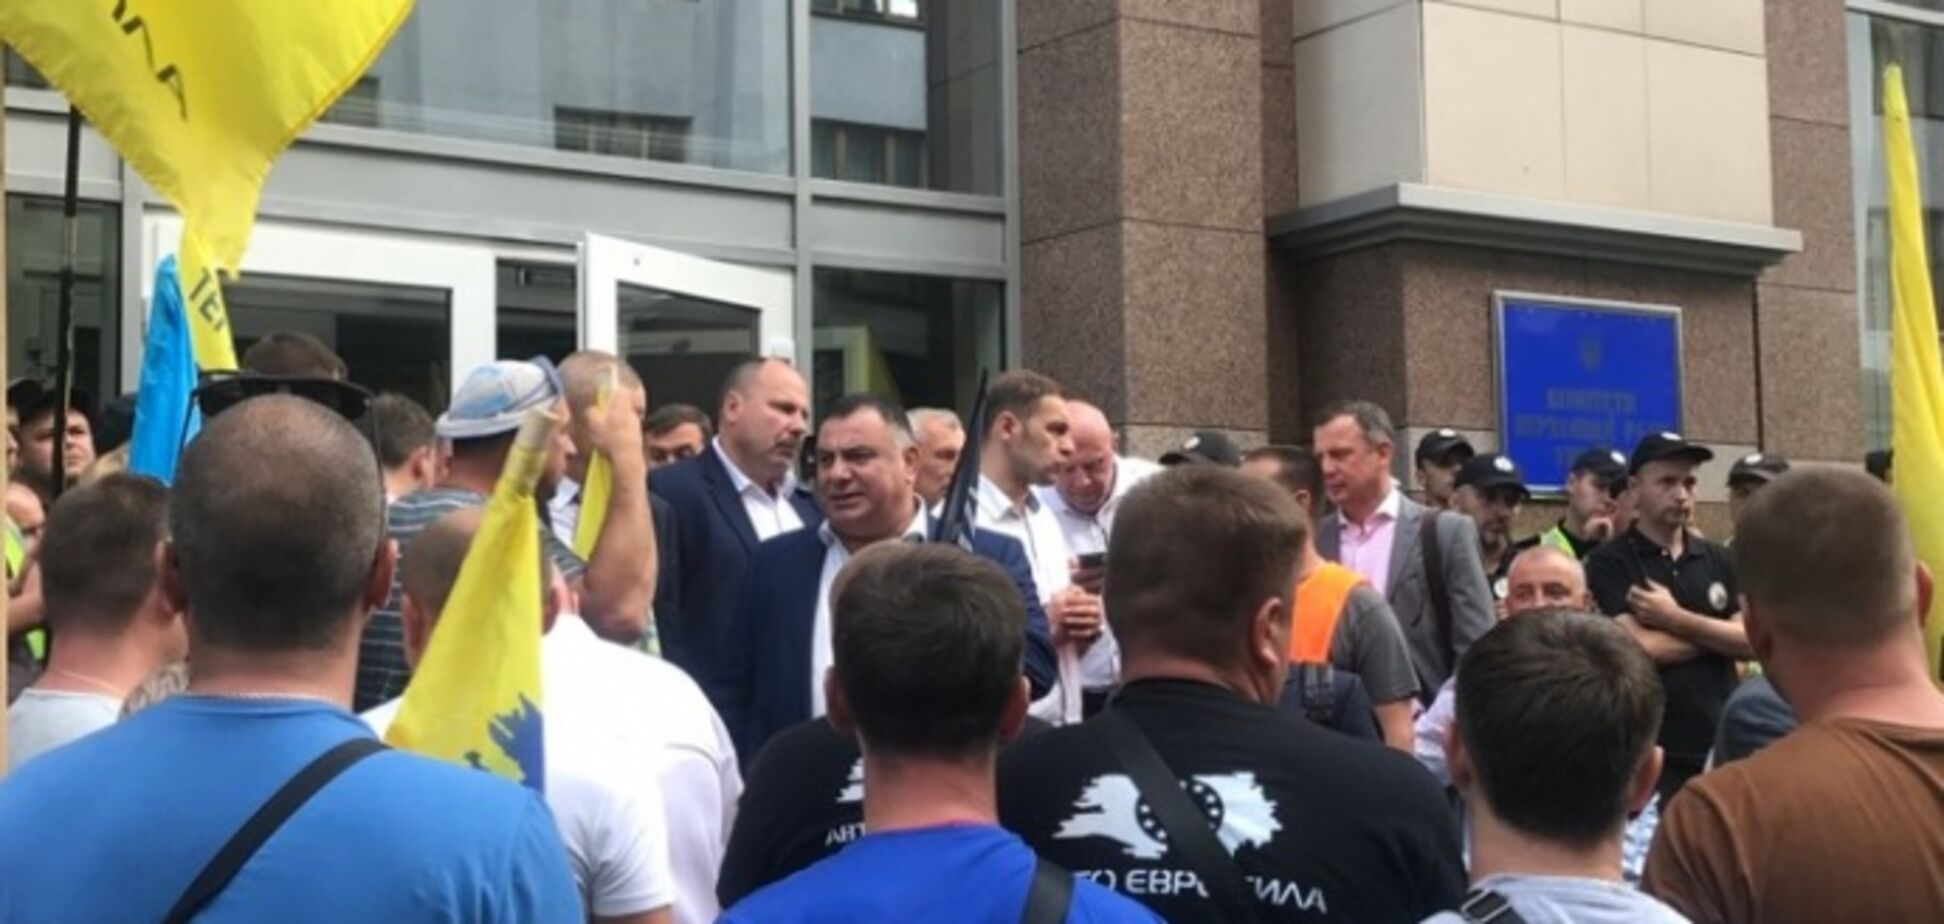 Еврономера в Украине: активисты заблокировали Раду и разбили машину нардепа